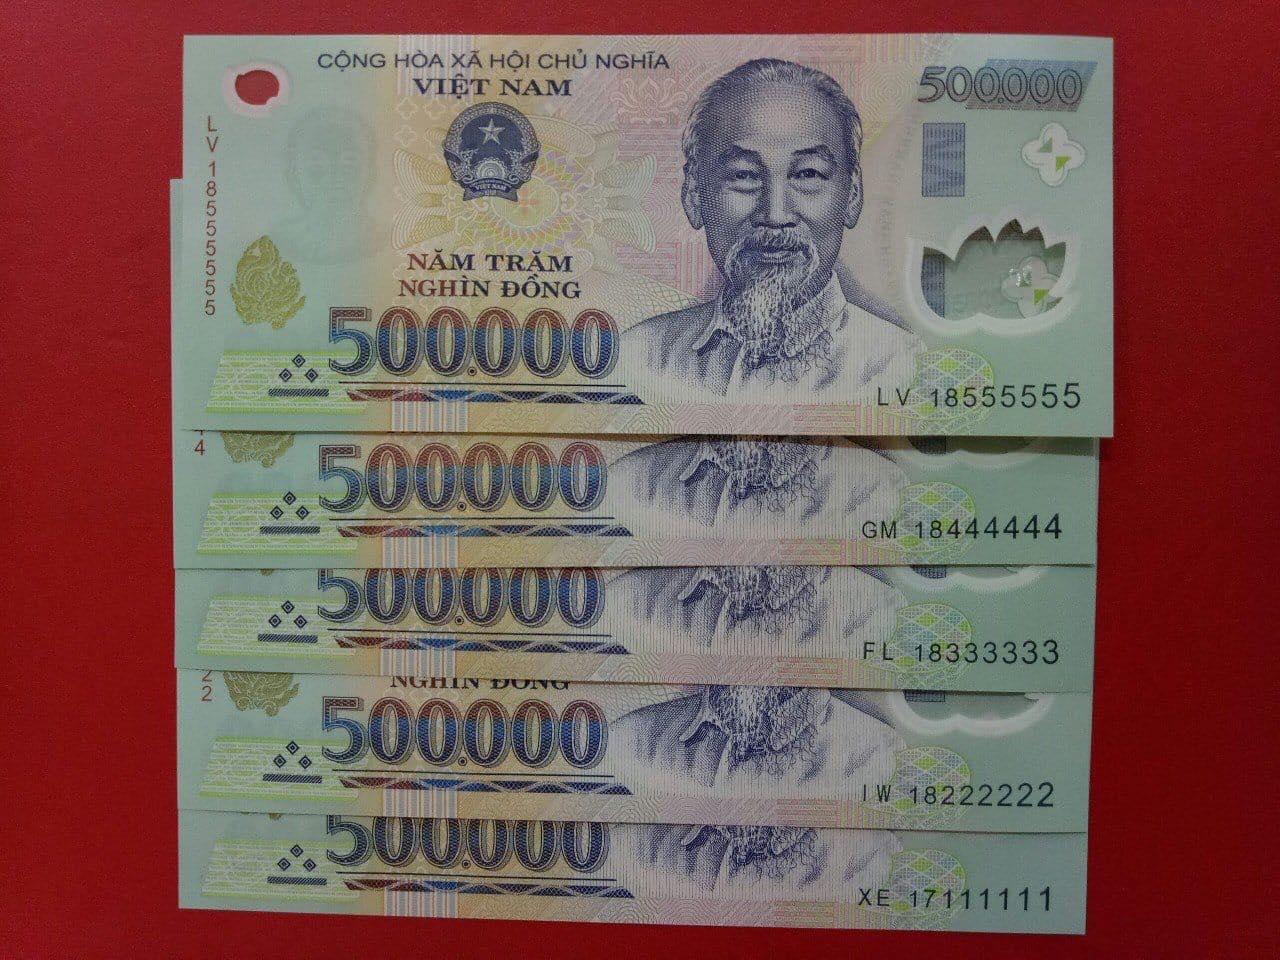 Hình ảnh tiền mệnh giá 500k